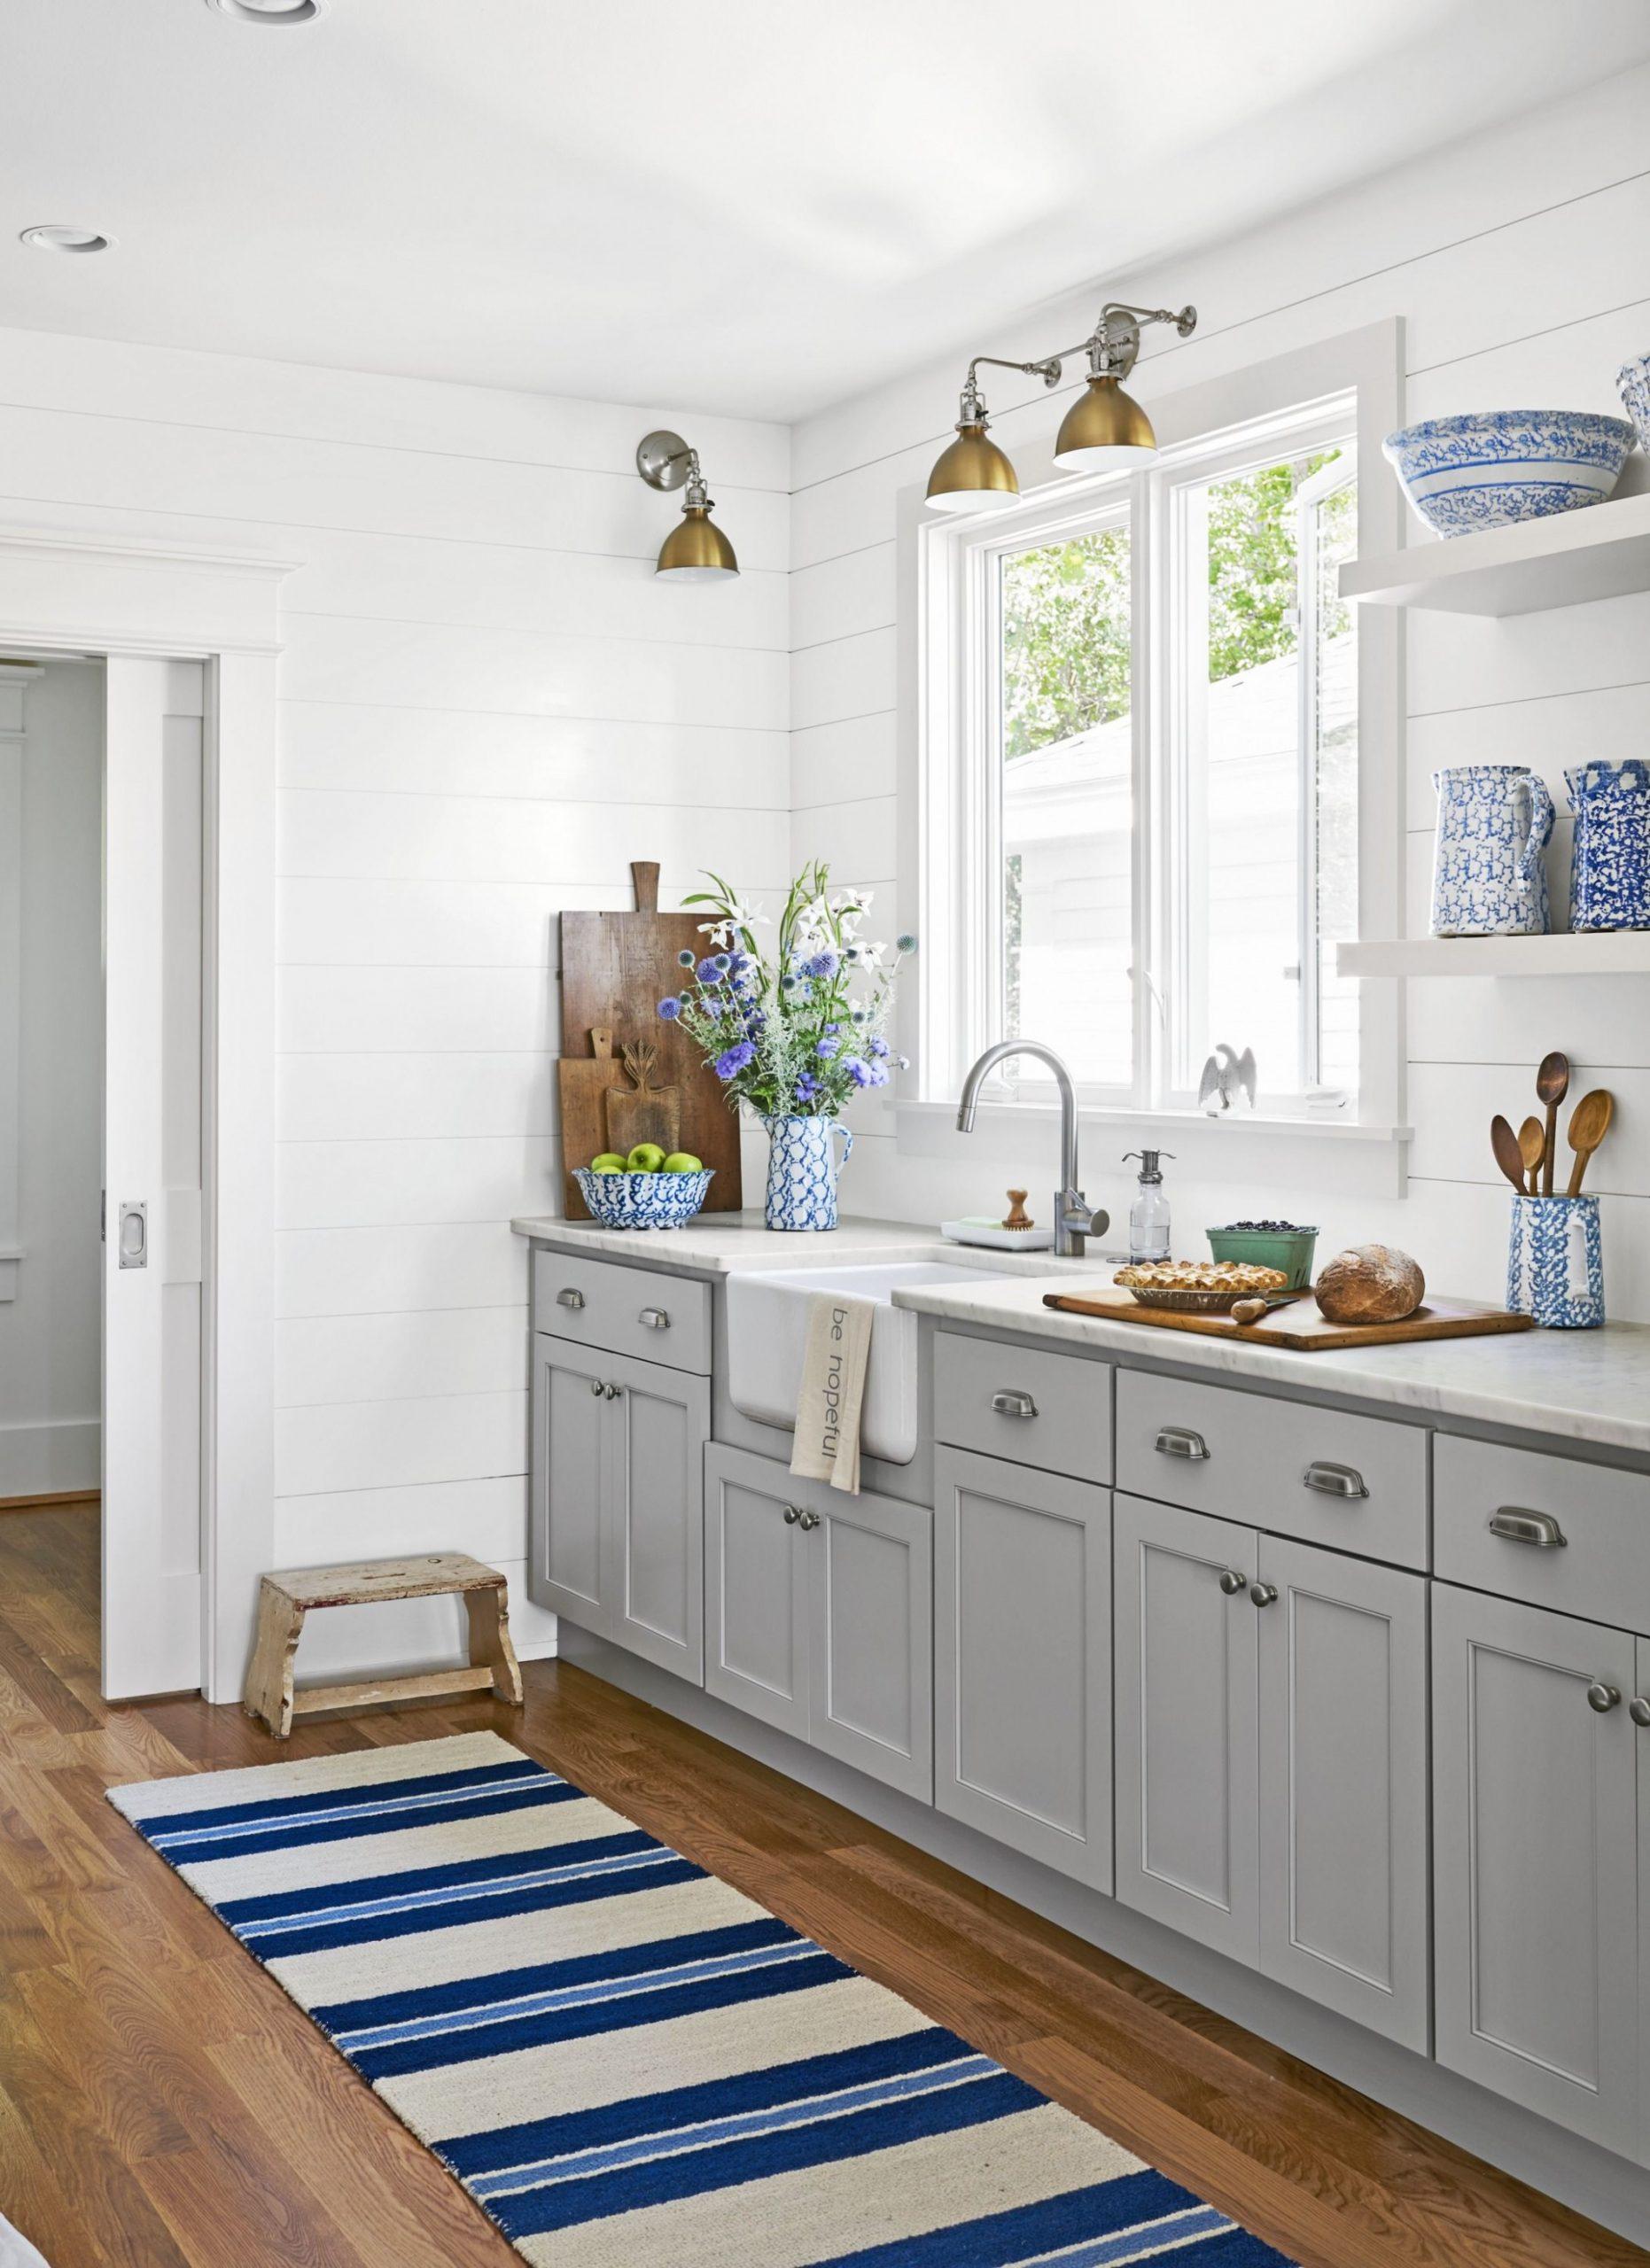 12 DIY Kitchen Cabinet Hardware Ideas — Best Kitchen Cabinet Hardware - Long Cabinet Pulls Kitchen